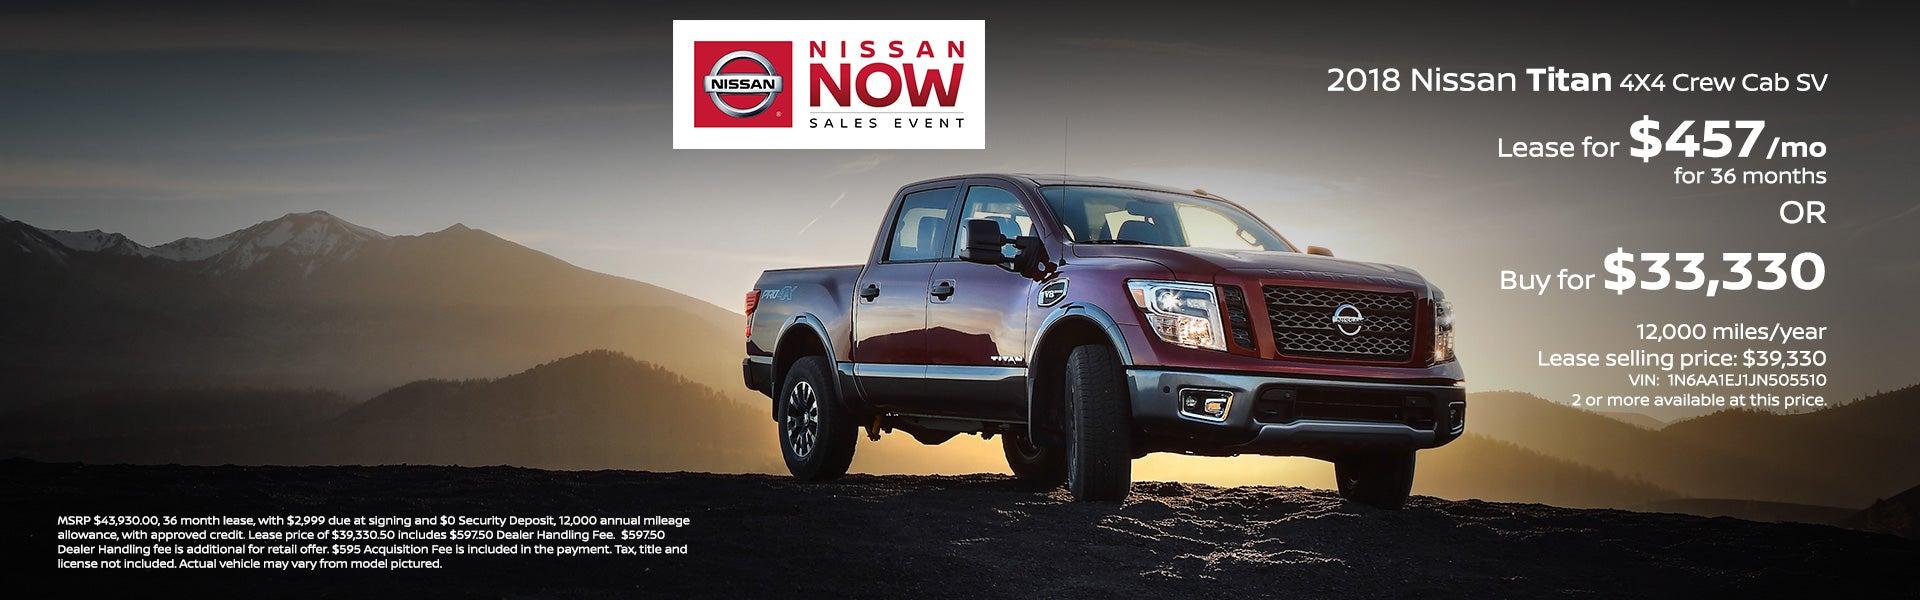 Nissan Dealership Denver >> Nissan Dealership Greeley Co Fort Collins Denver Nissan Dealer